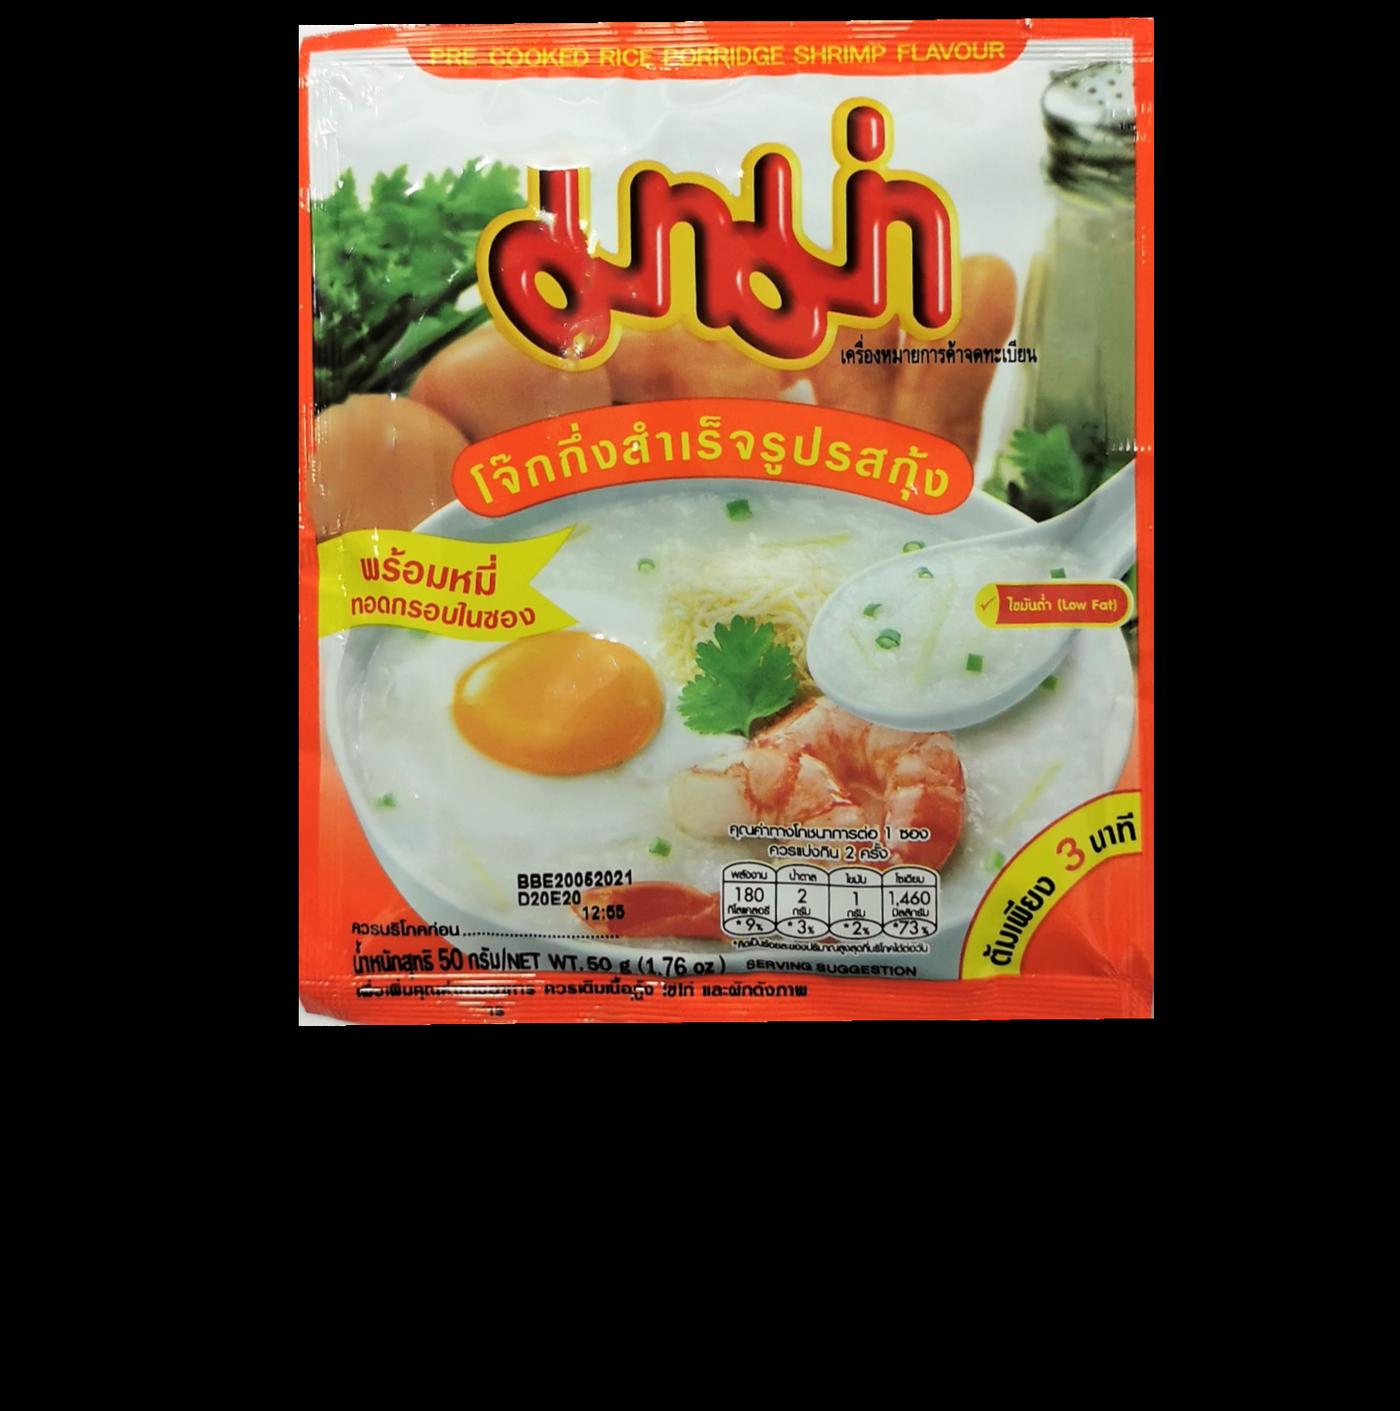 Mama Rice Porridge Shrimp Flavour